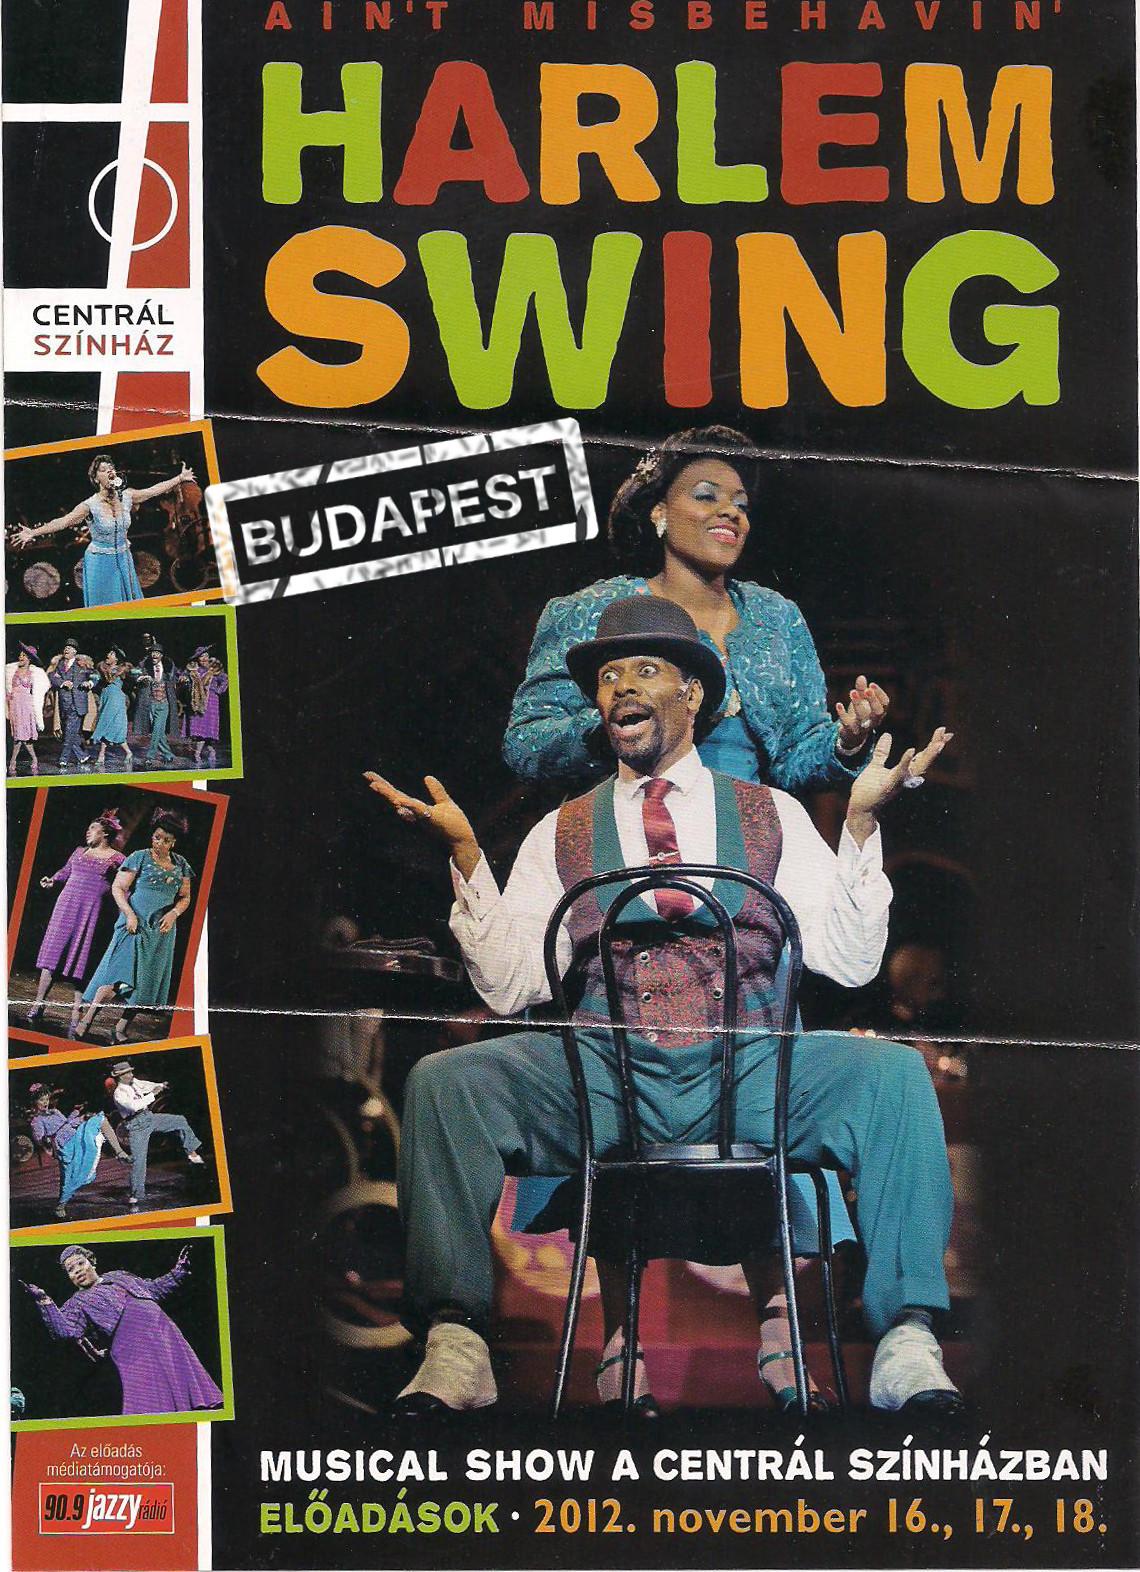 Ain't Misbehavin' - Harlem Swing HUNGARY ver 3.JPG